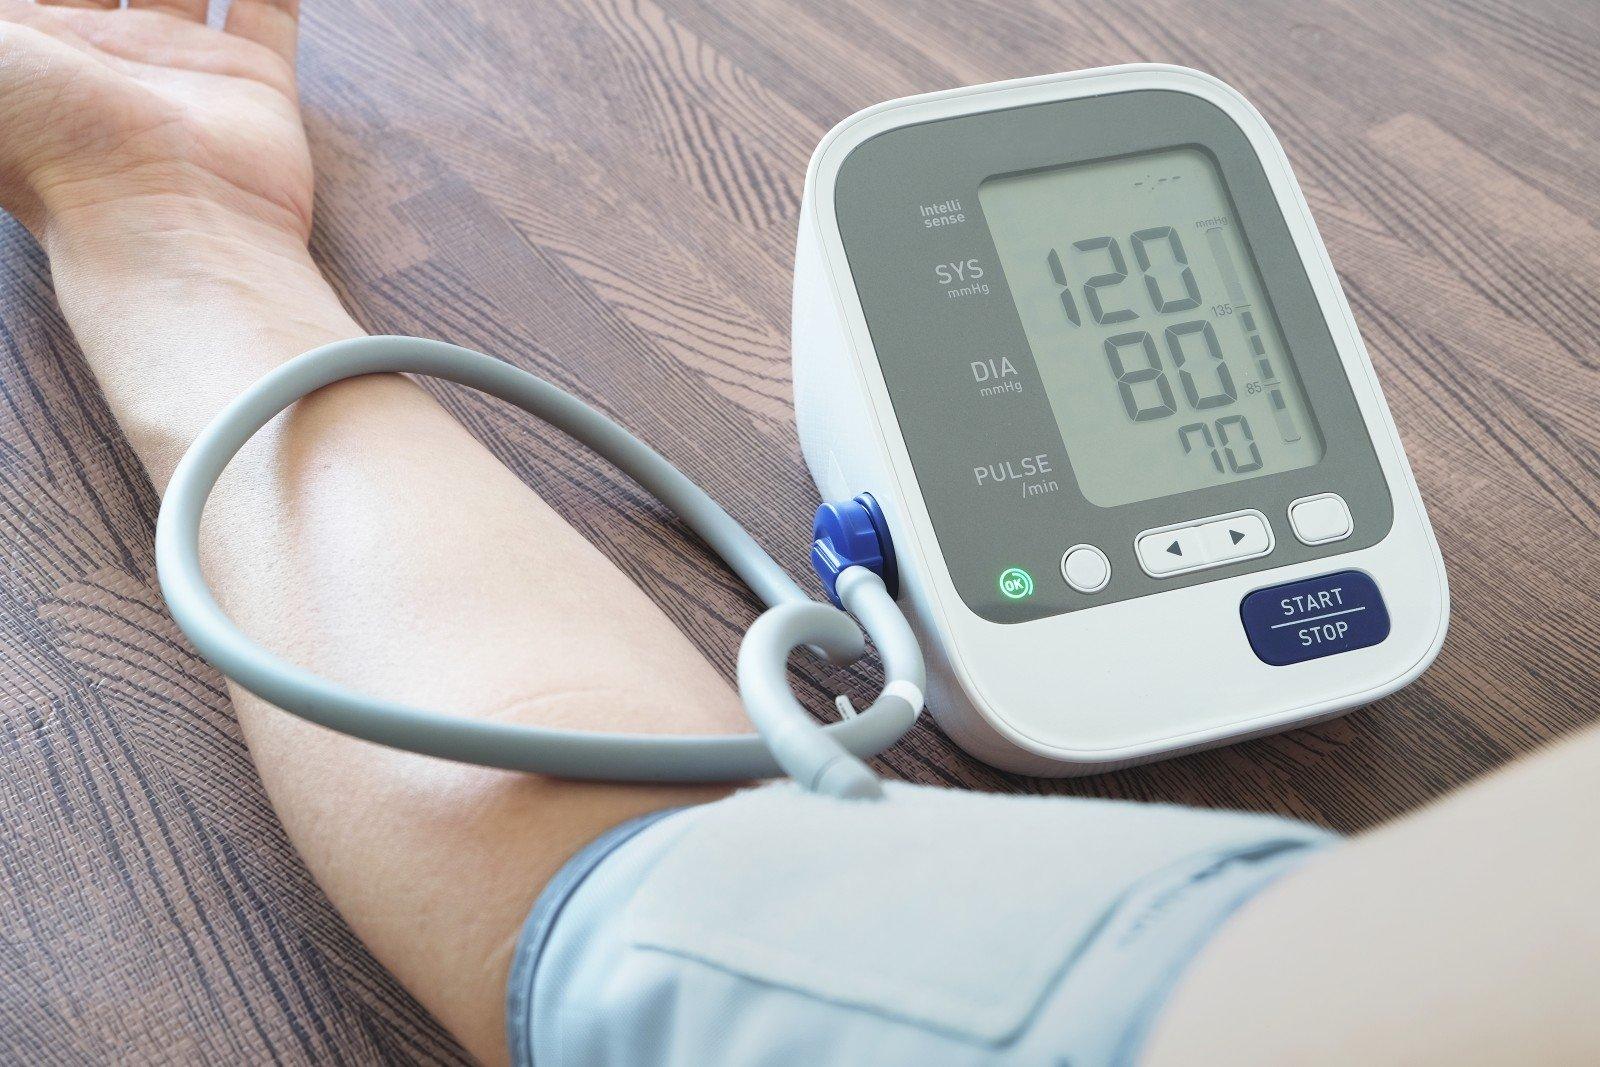 diuretikai 3 laipsnio hipertenzijai gydyti 1 stadijos hipertenzijos rizika